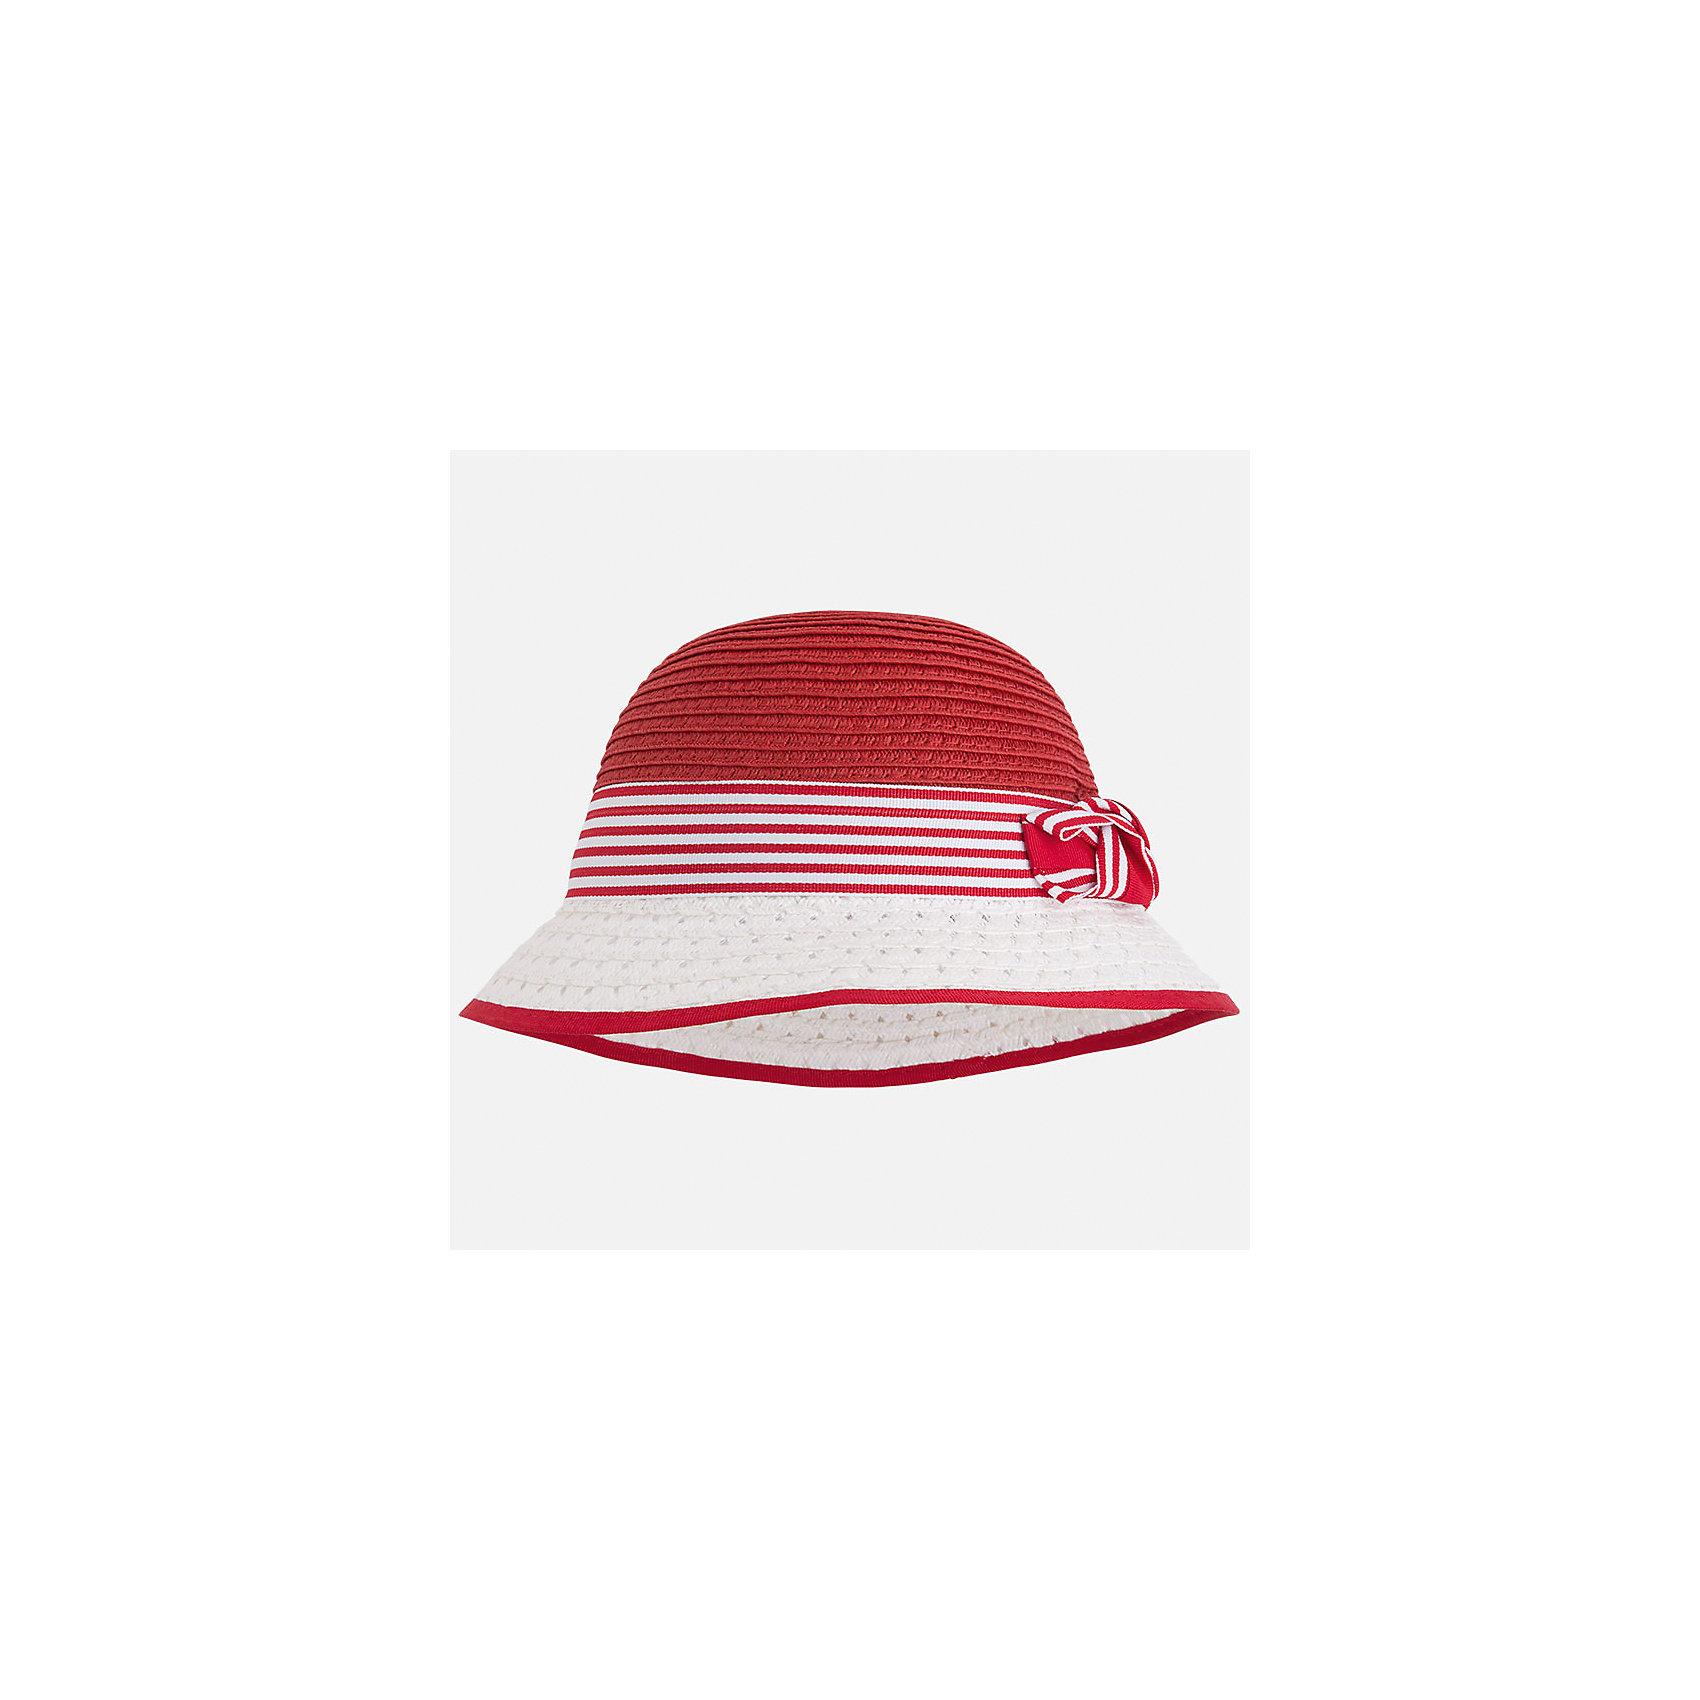 Шляпа для девочки MayoralГоловные уборы<br>Характеристики товара:<br><br>• цвет: красный/белый<br>• состав: 100% бумага<br>• контрастные цвета<br>• дышащая фактура<br>• декорирована бантом<br>• страна бренда: Испания<br><br>Красивая легкая шляпа для девочки поможет обеспечить ребенку защиту от солнца и дополнить наряд. Универсальный цвет позволяет надевать её под наряды различных расцветок. Шляпа удобно сидит и красиво смотрится. <br><br>Одежда, обувь и аксессуары от испанского бренда Mayoral полюбились детям и взрослым по всему миру. Модели этой марки - стильные и удобные. Для их производства используются только безопасные, качественные материалы и фурнитура. Порадуйте ребенка модными и красивыми вещами от Mayoral! <br><br>Шляпу для девочки от испанского бренда Mayoral (Майорал) можно купить в нашем интернет-магазине.<br><br>Ширина мм: 89<br>Глубина мм: 117<br>Высота мм: 44<br>Вес г: 155<br>Цвет: красный<br>Возраст от месяцев: 24<br>Возраст до месяцев: 36<br>Пол: Женский<br>Возраст: Детский<br>Размер: 50,54,52<br>SKU: 5293535